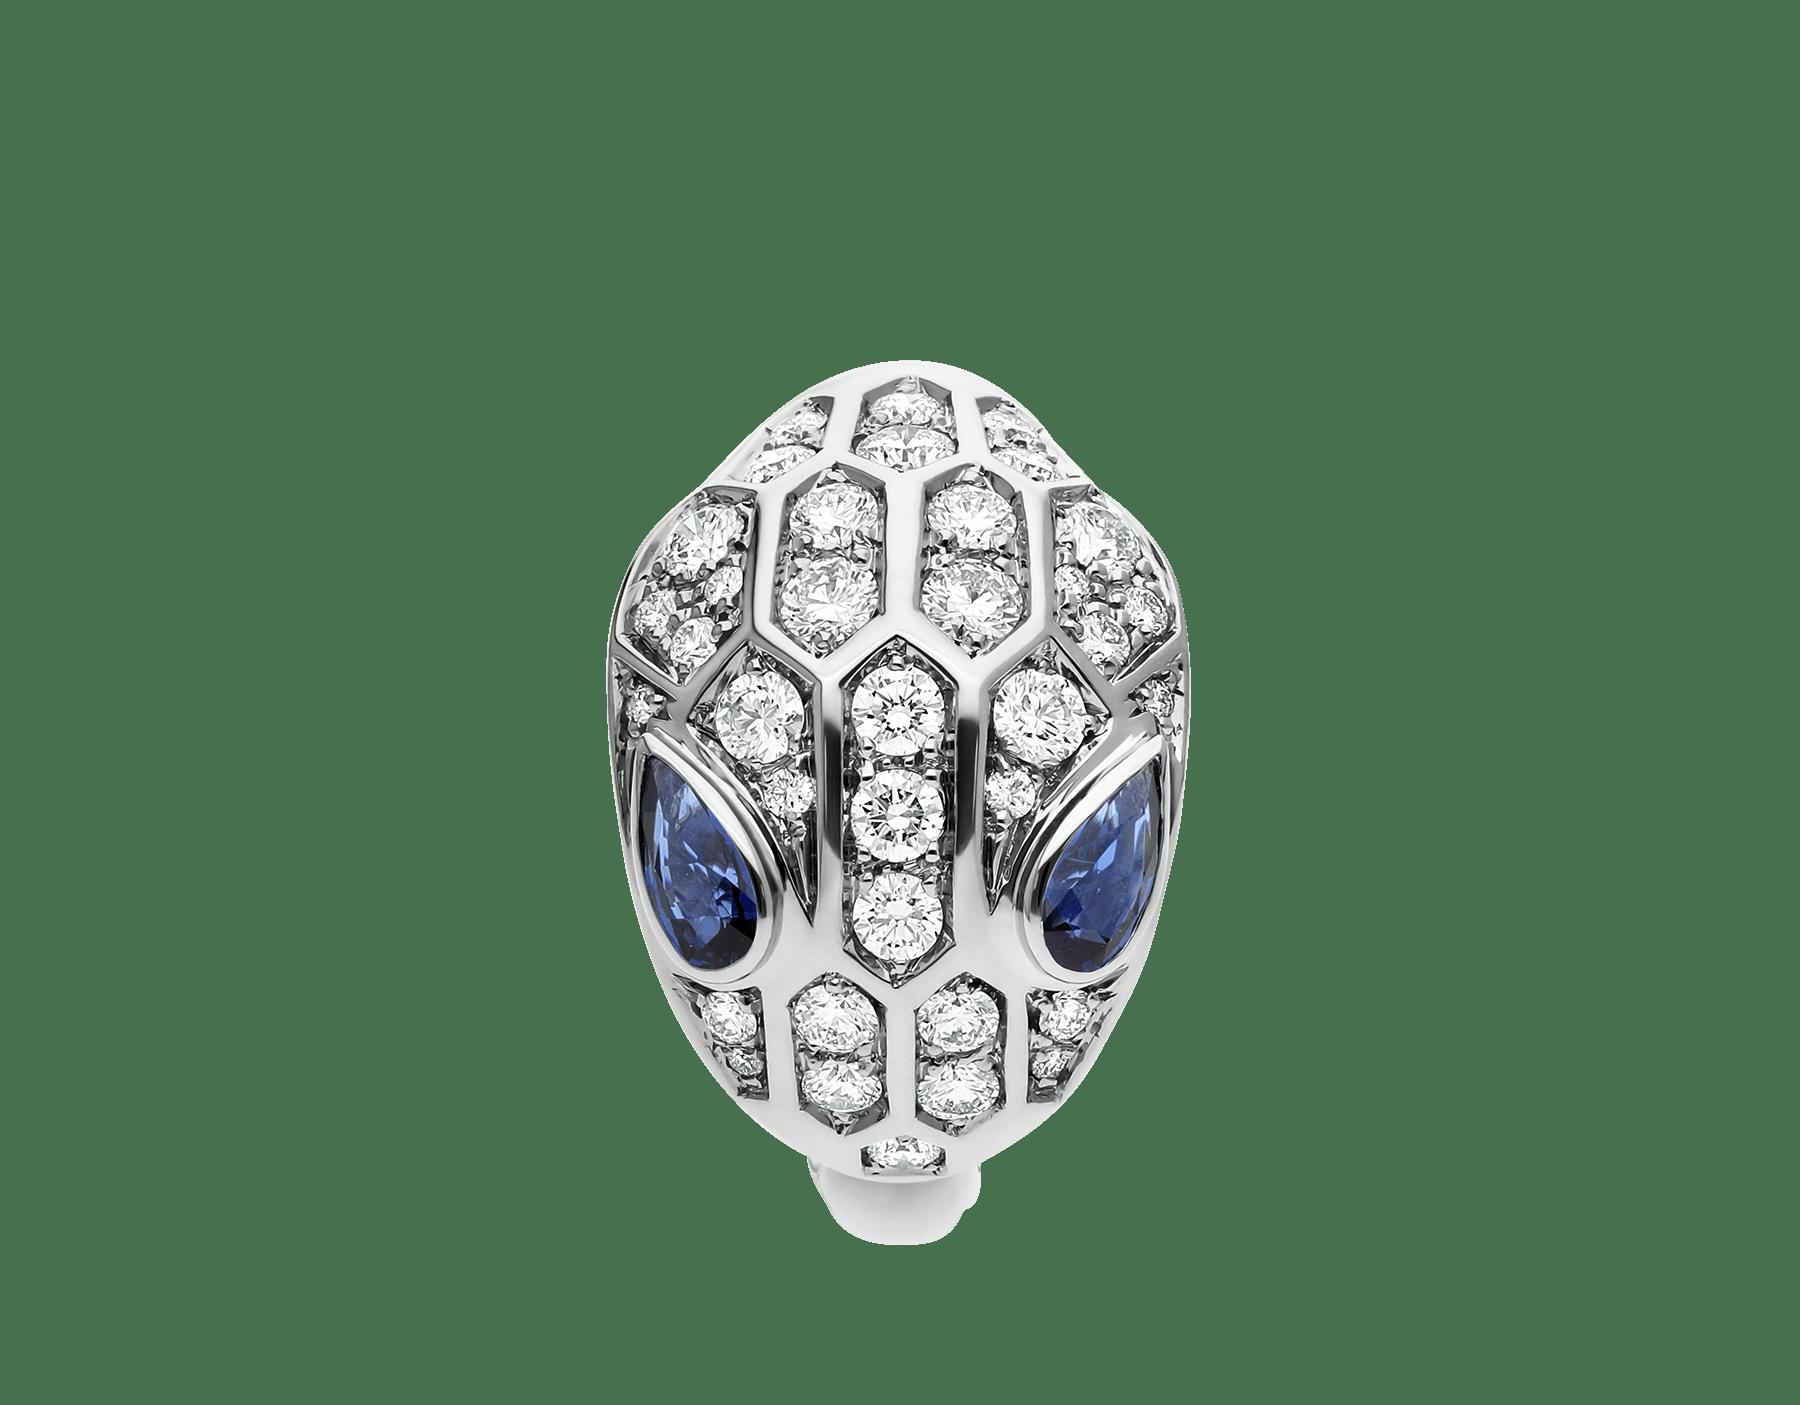 Em uma interpretação texturizada das escamas de uma serpente, o anel Serpenti brilha com sua pele de diamantes cravejados e com o poder de atração de seus magnéticos olhos de safira azul. AN857879 image 2